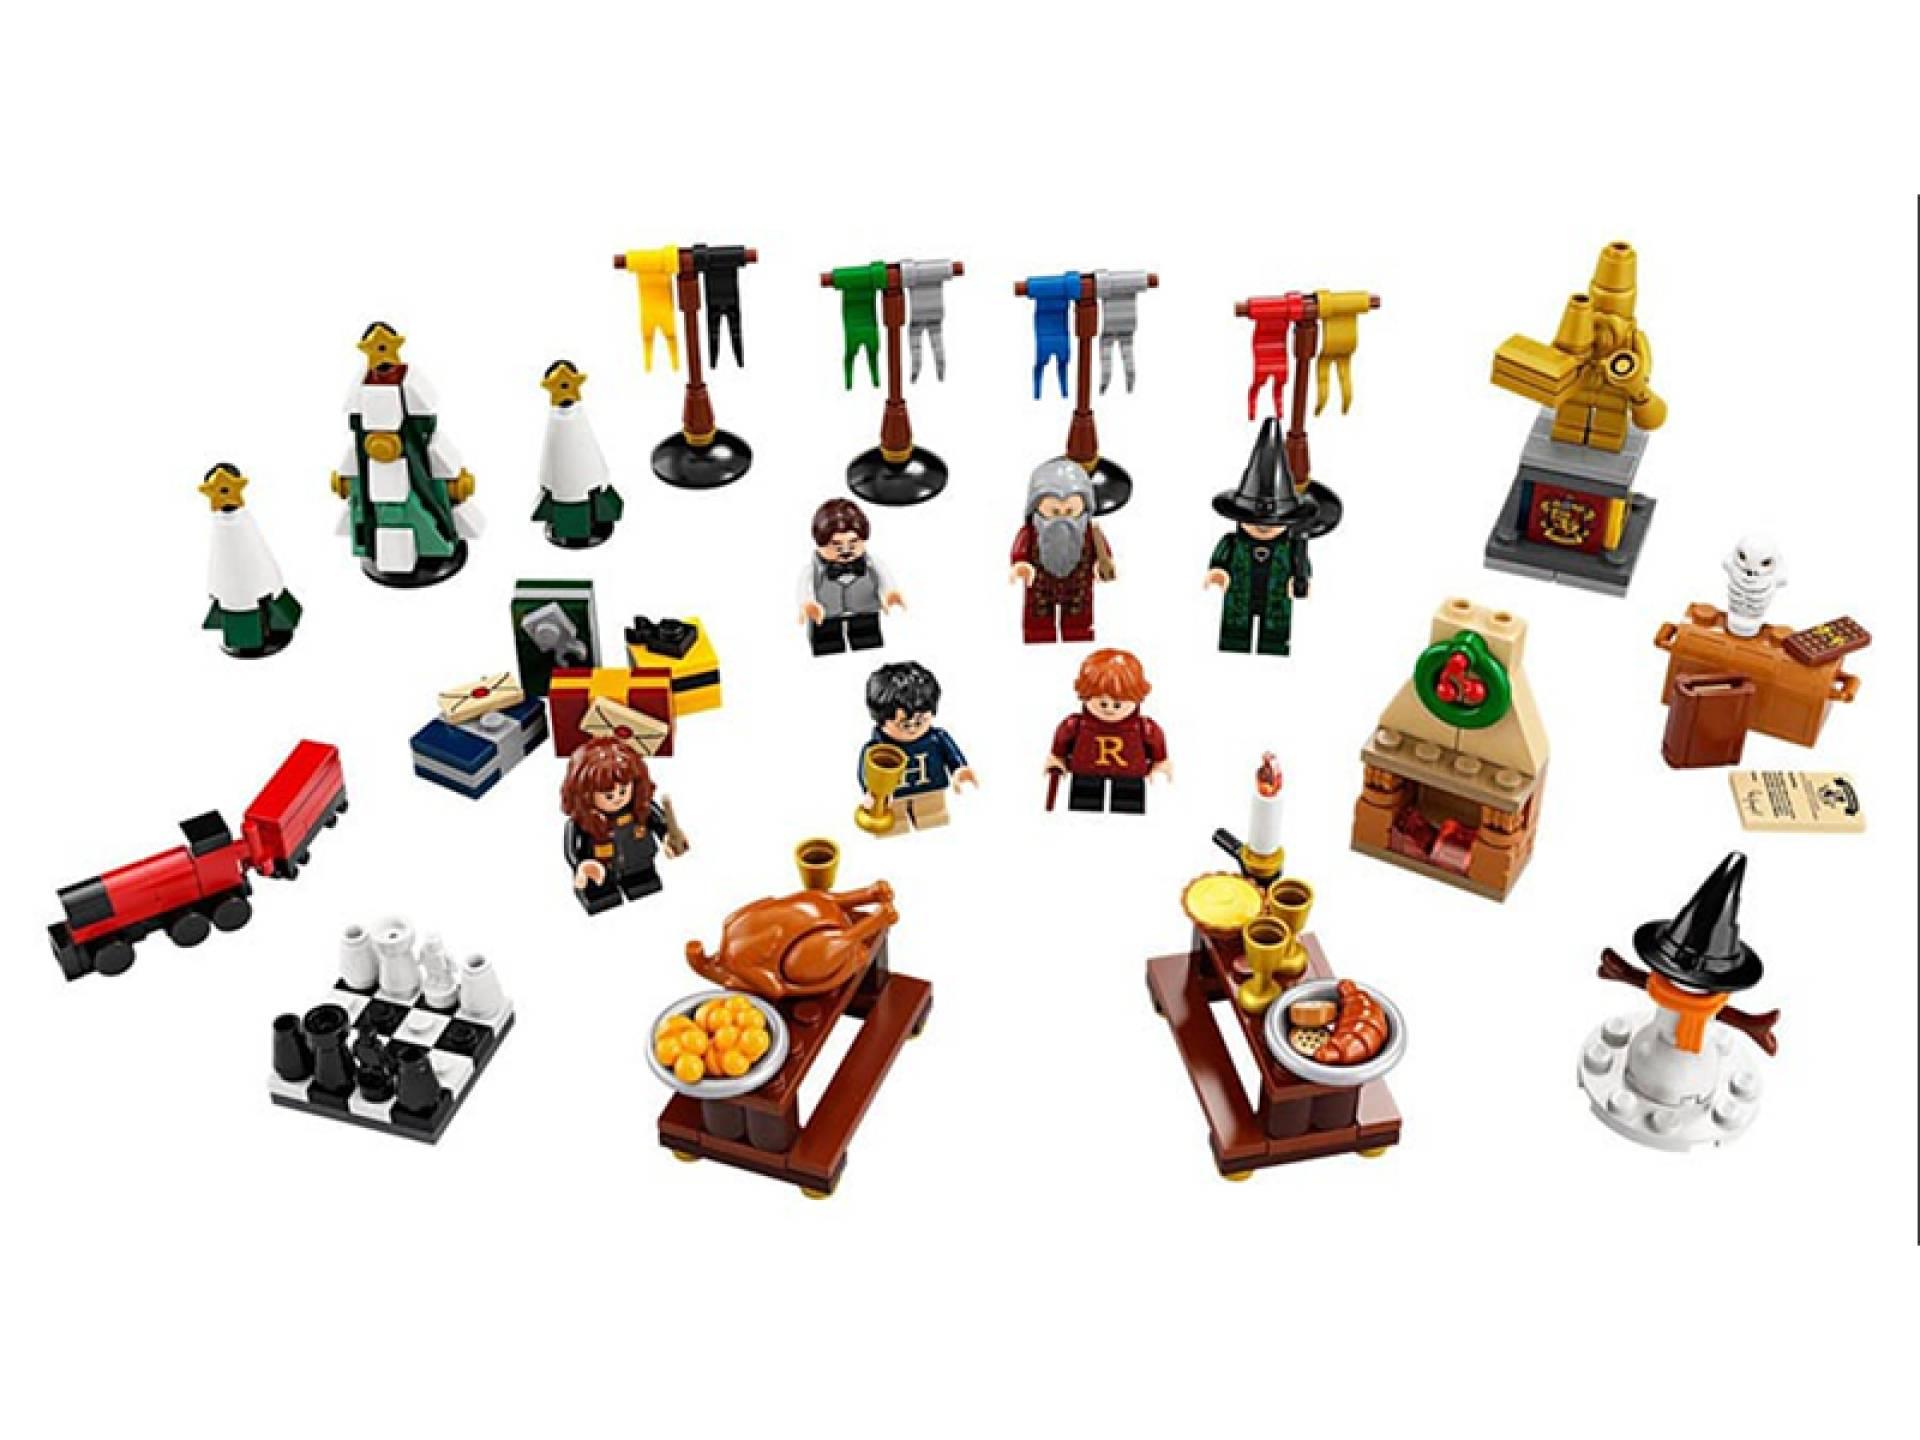 Calendario Avvento Lego City.Lego Calendario Dell Avvento 2019 Annunciati I Nuovi Set